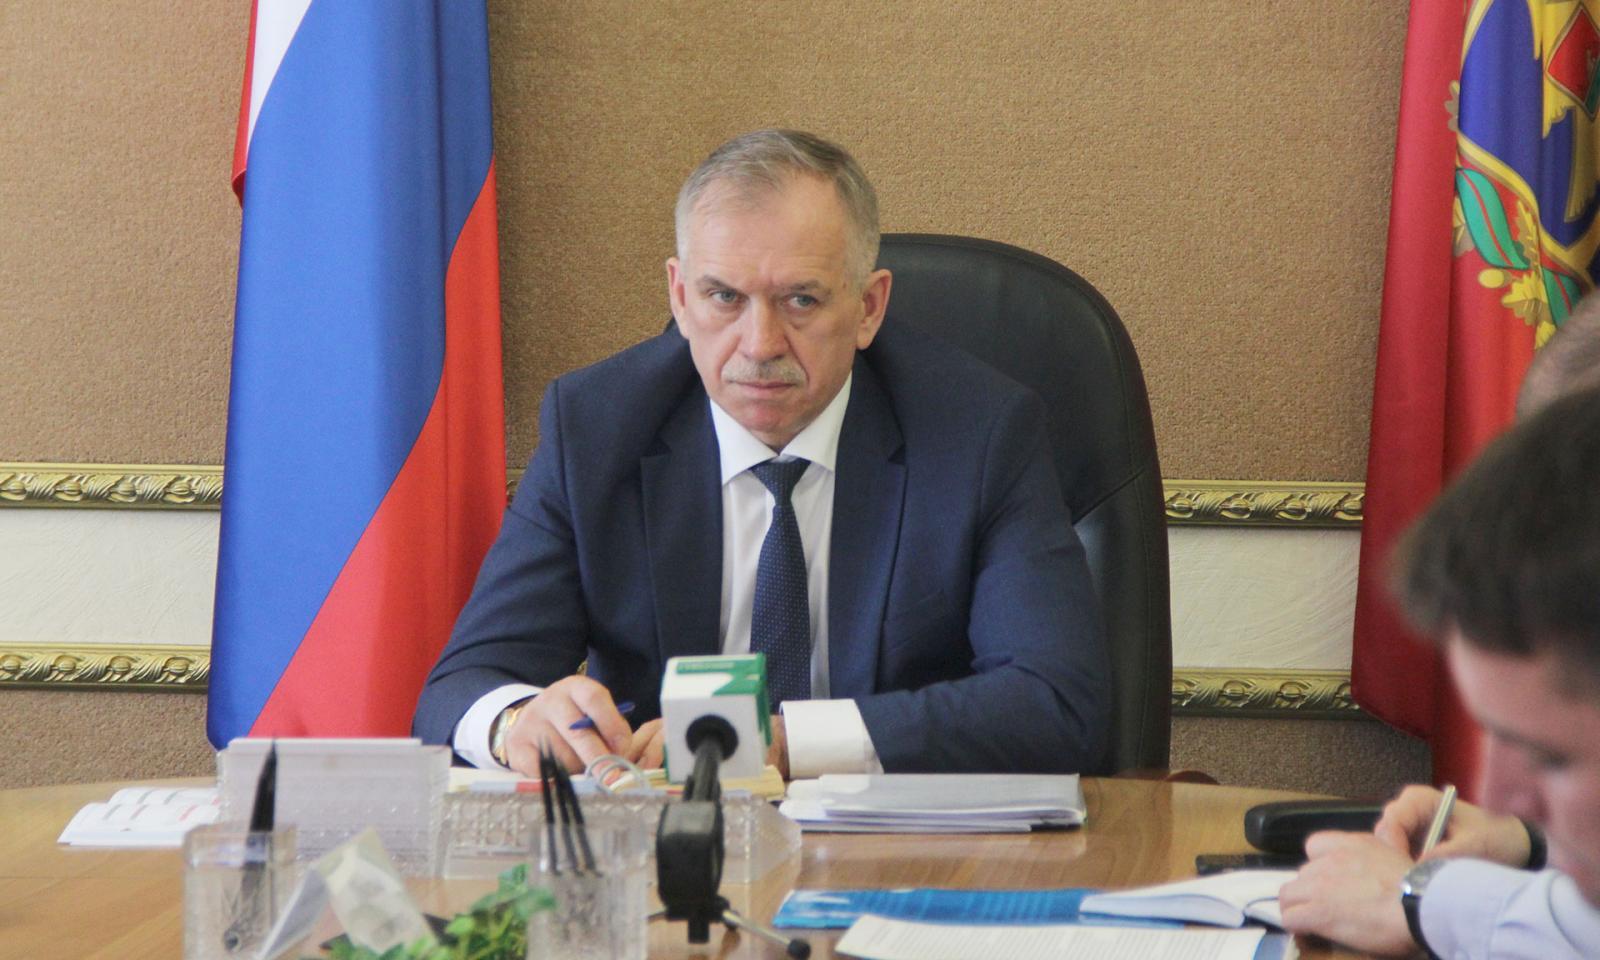 Заместителя брянского губернатора Юрия Мокренко уволили окончательно